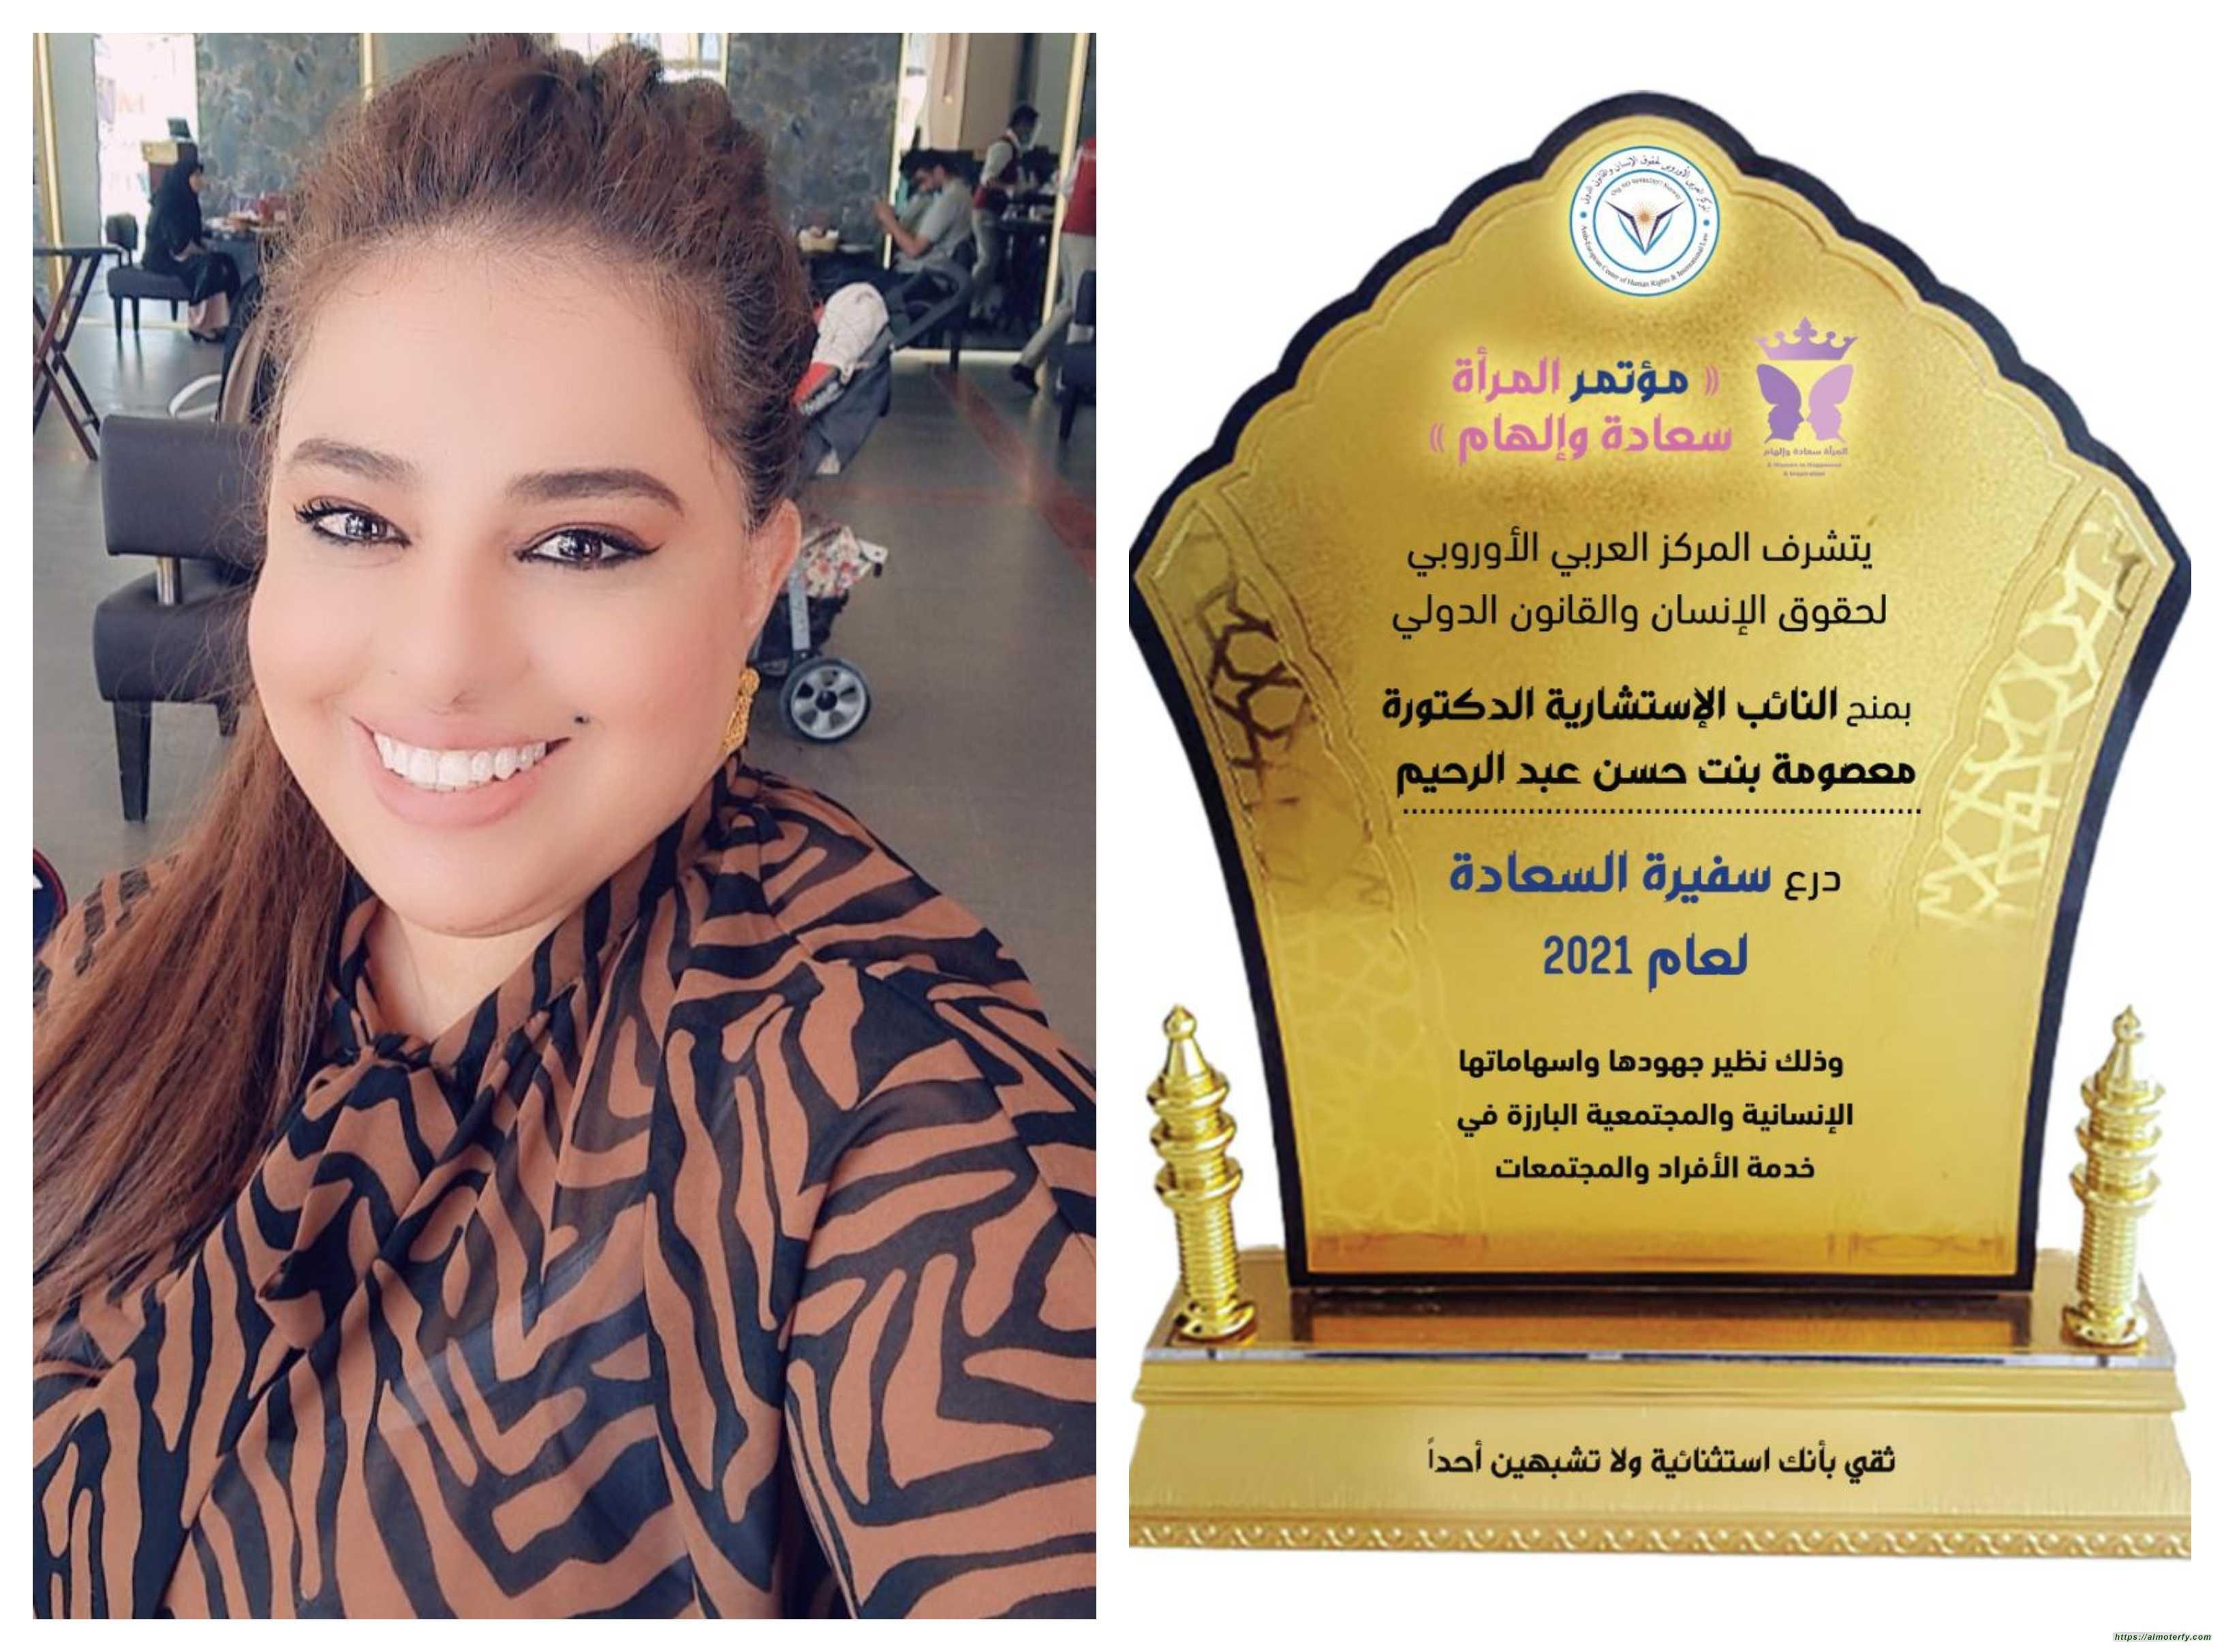 نائبة بحرينية تتوج بلقب سفيرة السعادة لعام ٢٠٢١م